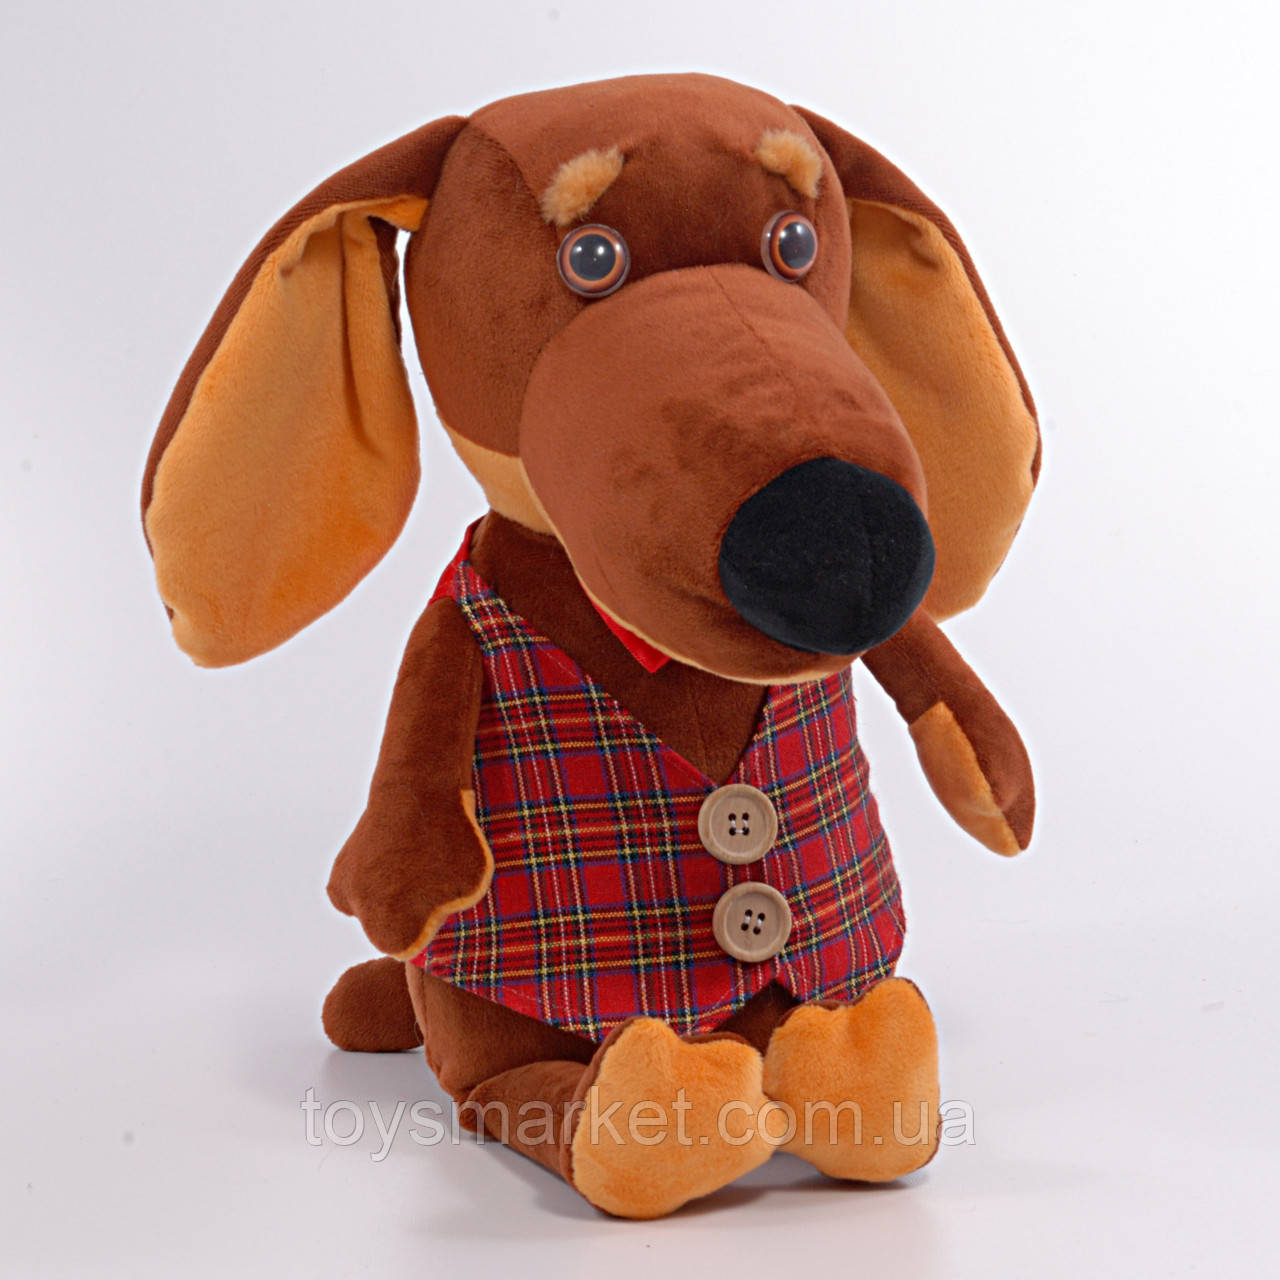 Детская мягкая игрушка собака Чарли